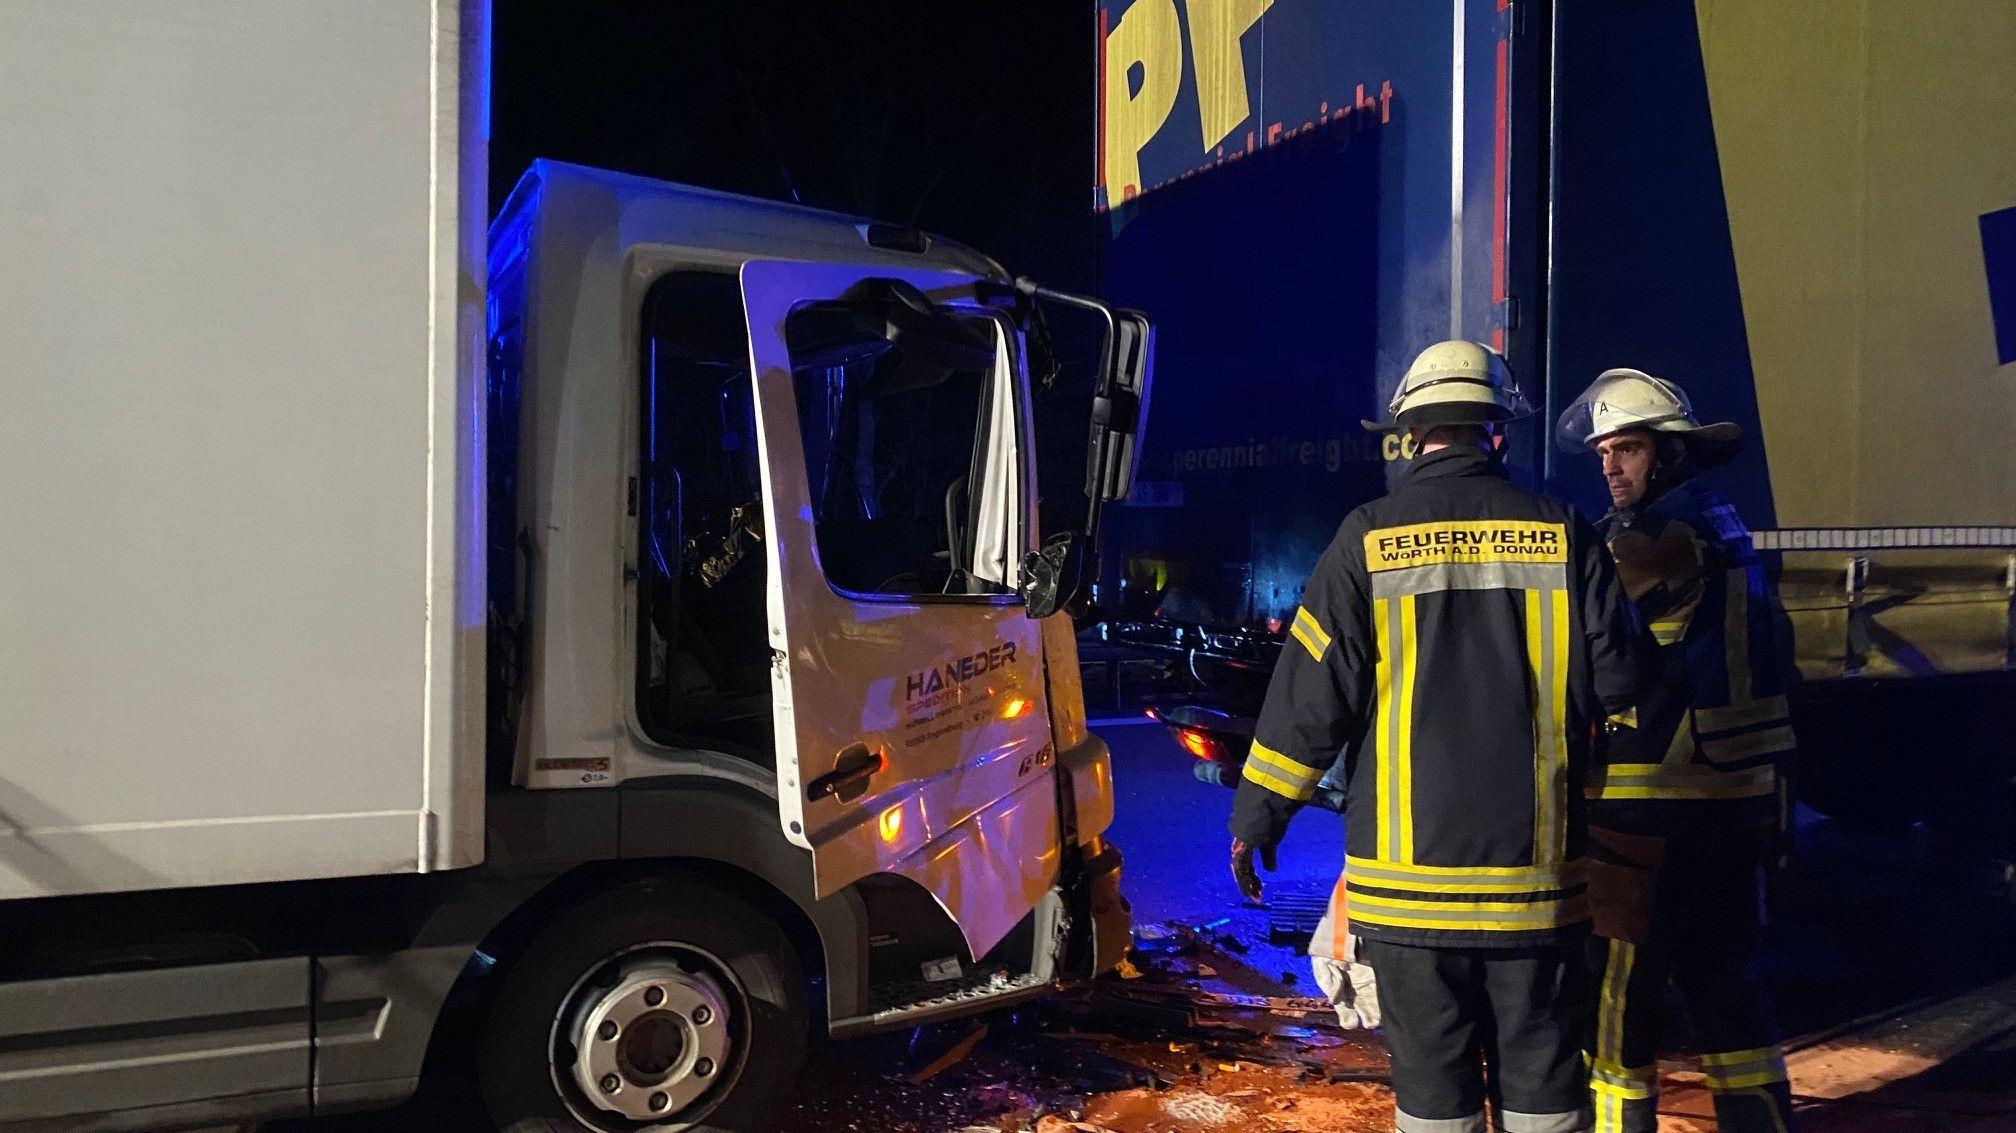 Die Feuerwehr musste den eingeklemmten Beifahrer aus dem demolierten Führerhaus holen